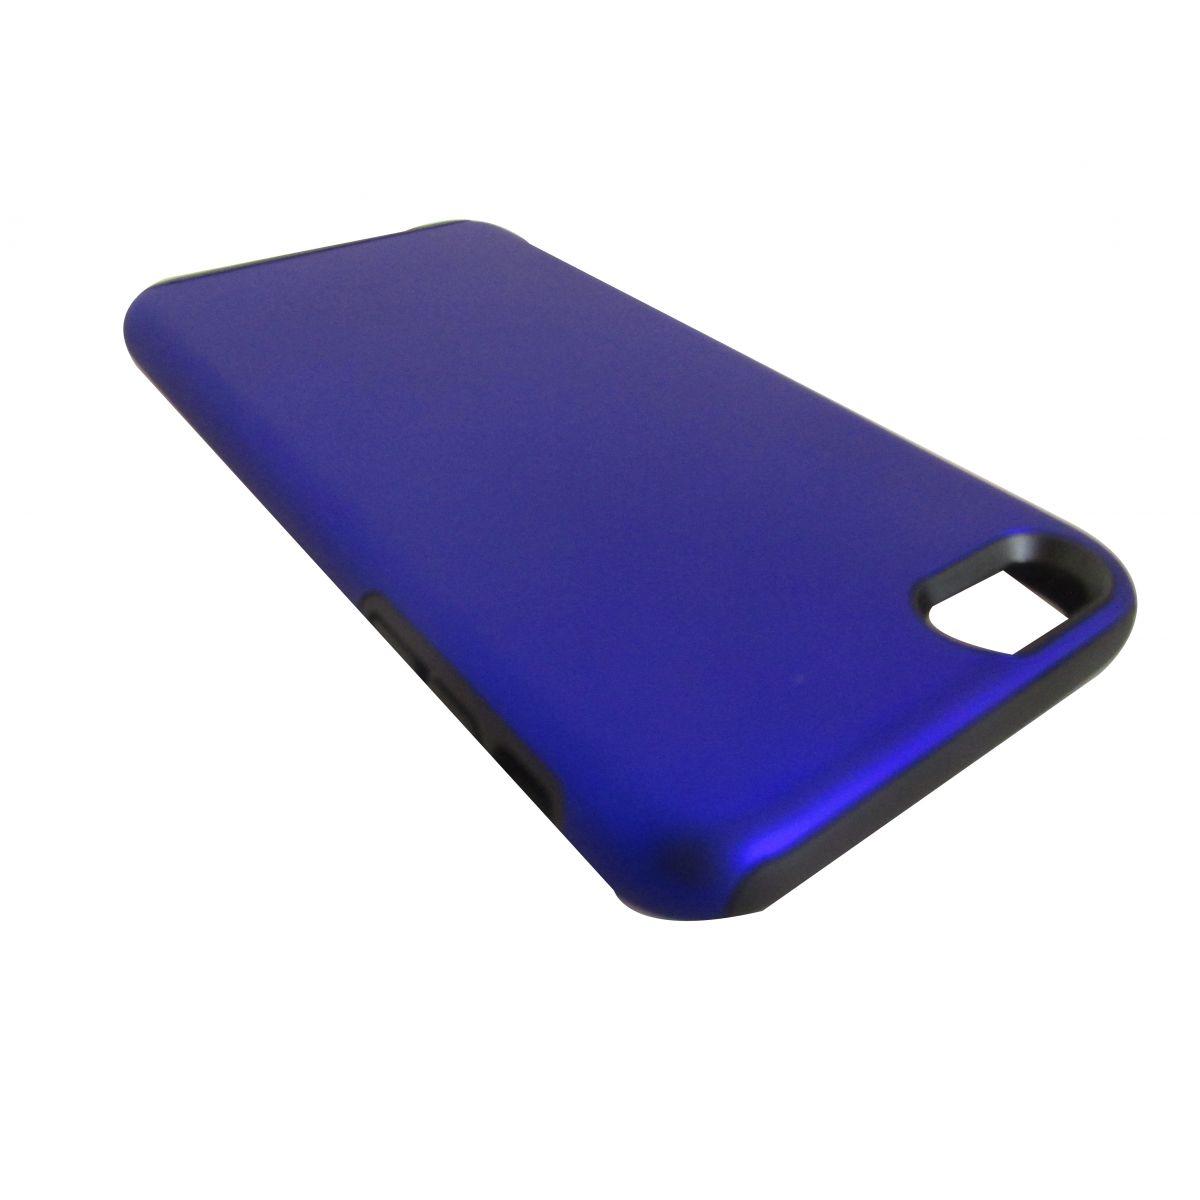 Capa Impacto Duo Para Iphone 6 Plus Intelimix Azul